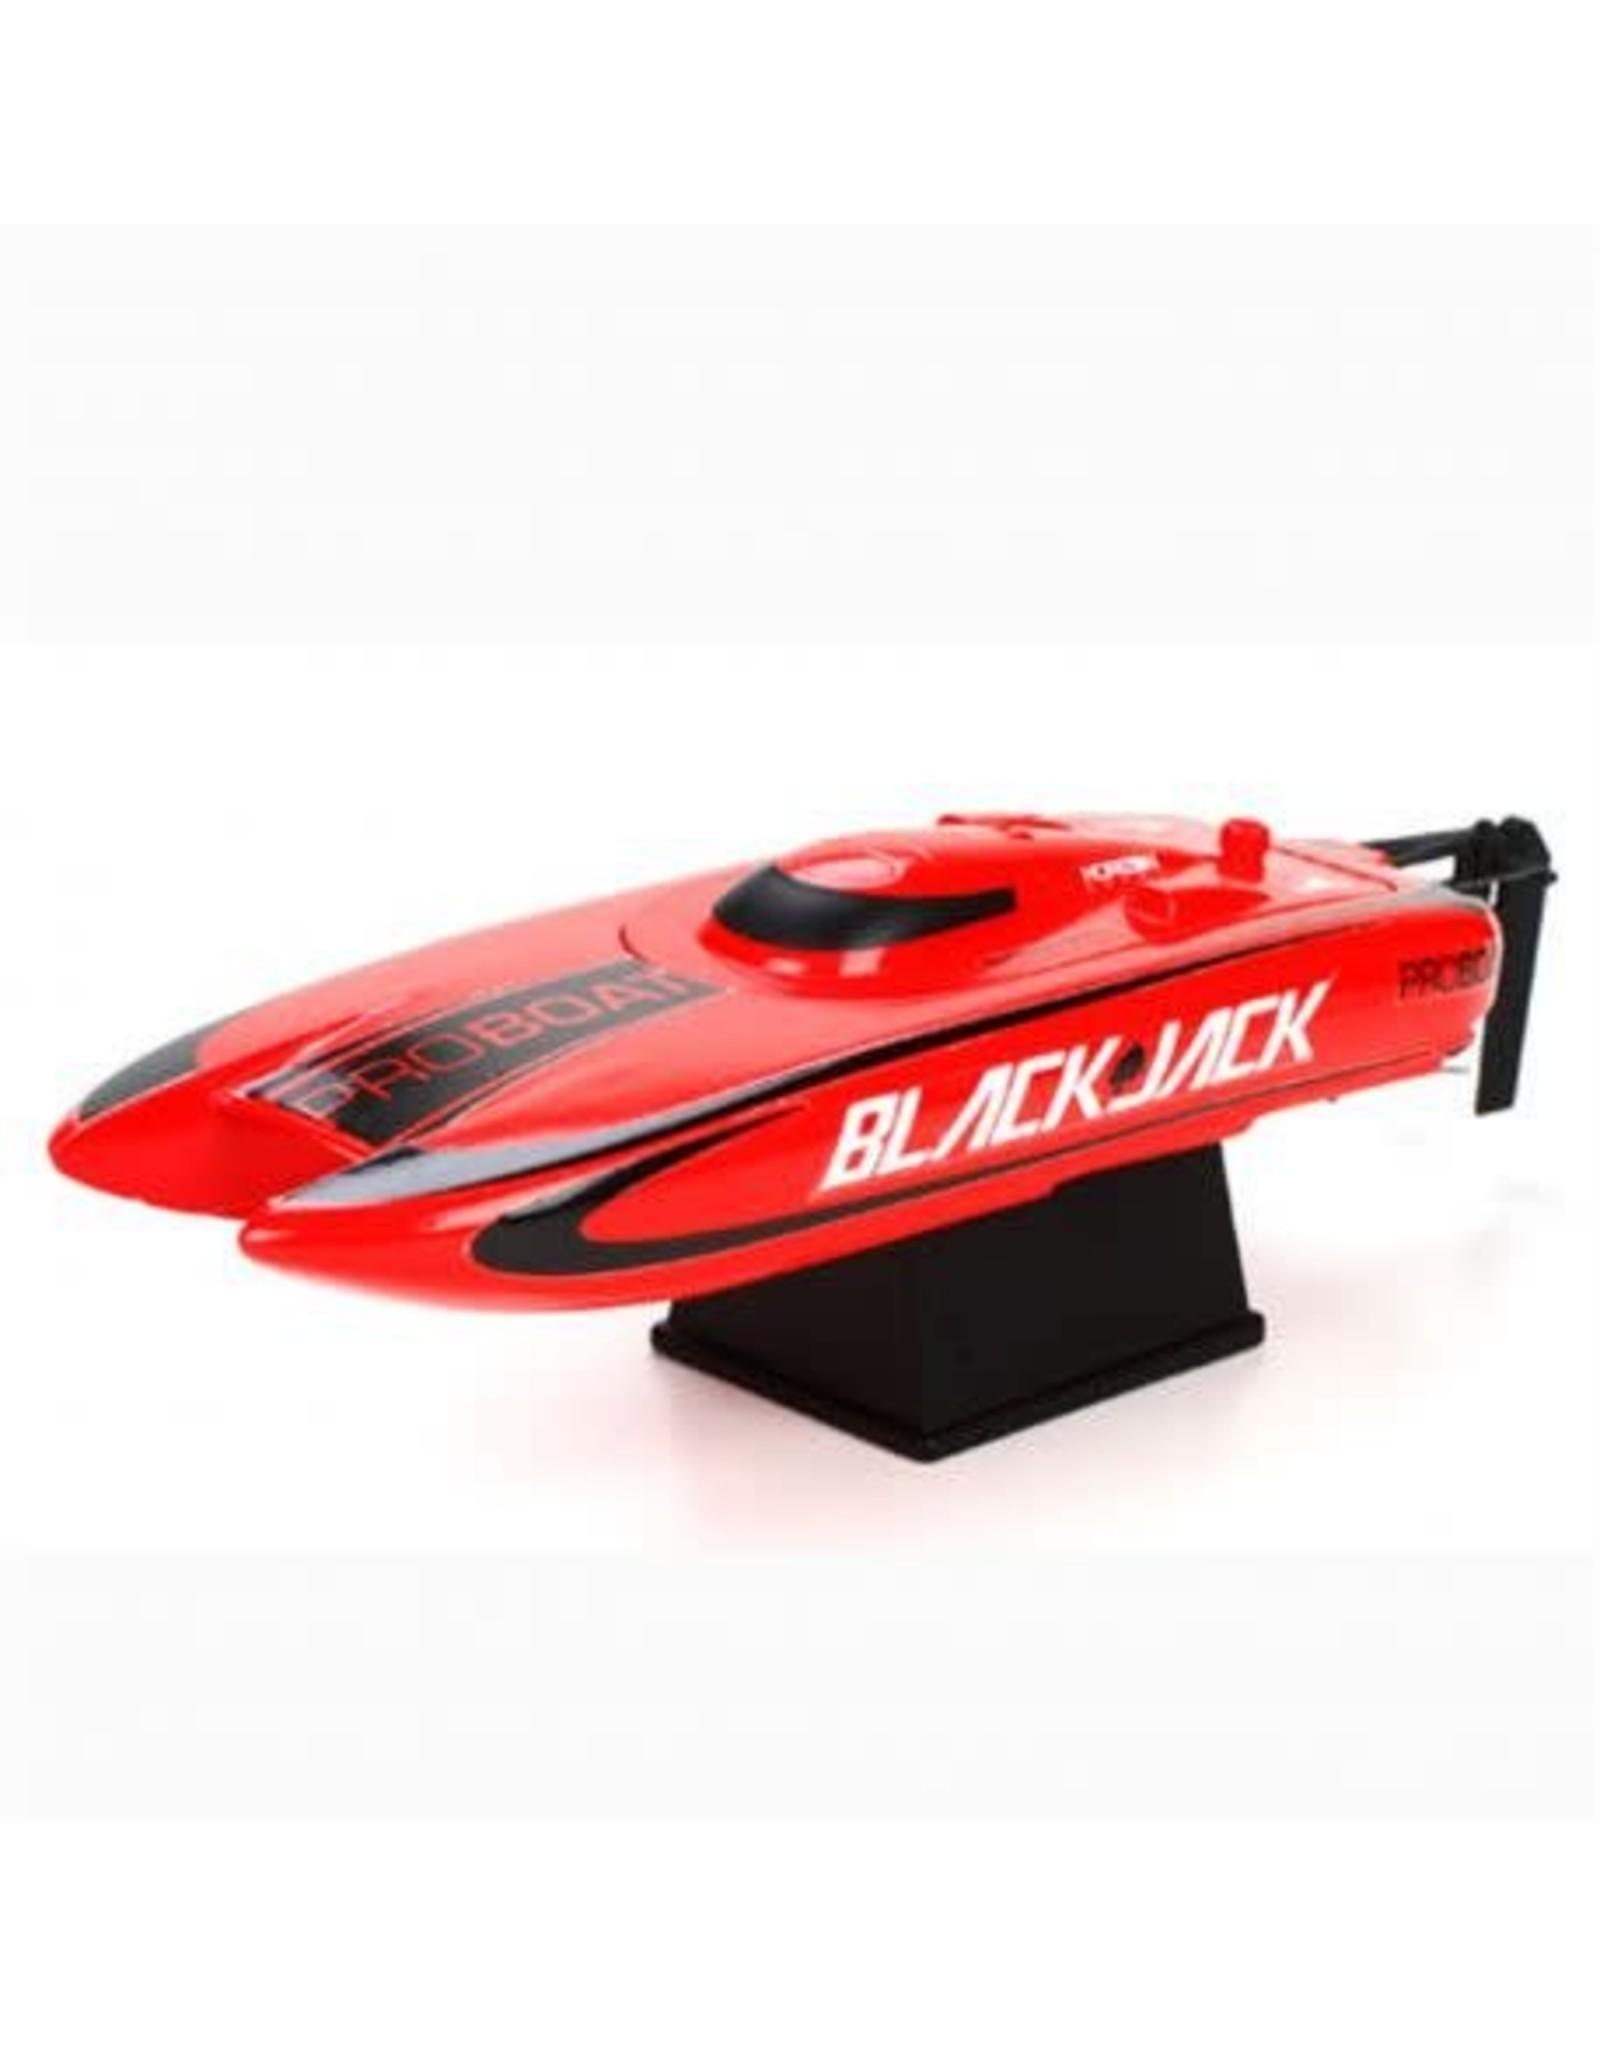 Pro Boat Blackjack 9